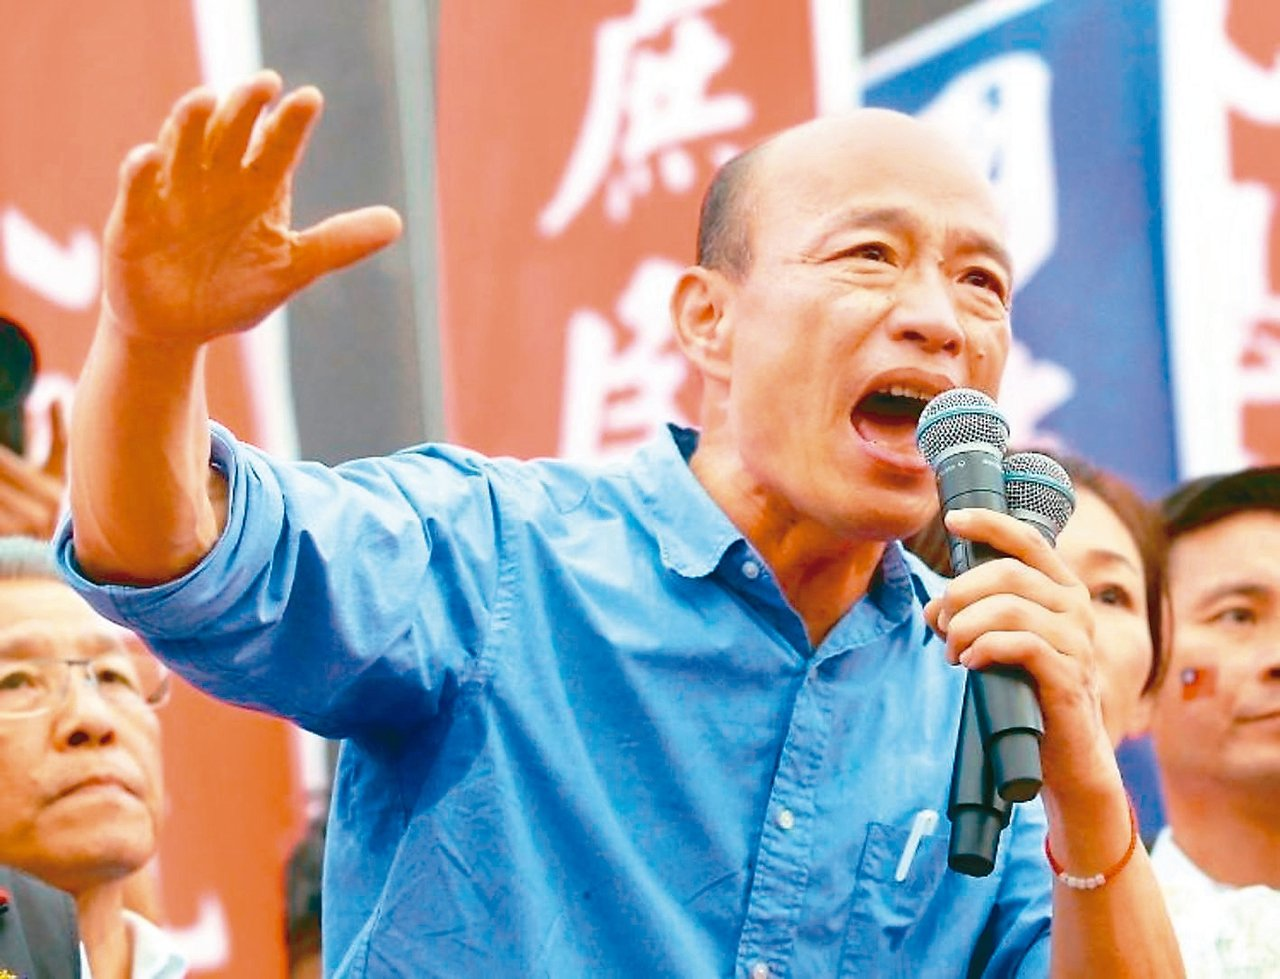 國民黨總統參選人韓國瑜明天將回故鄉新北市舉辦造勢大會。 圖/聯合報系資料照片